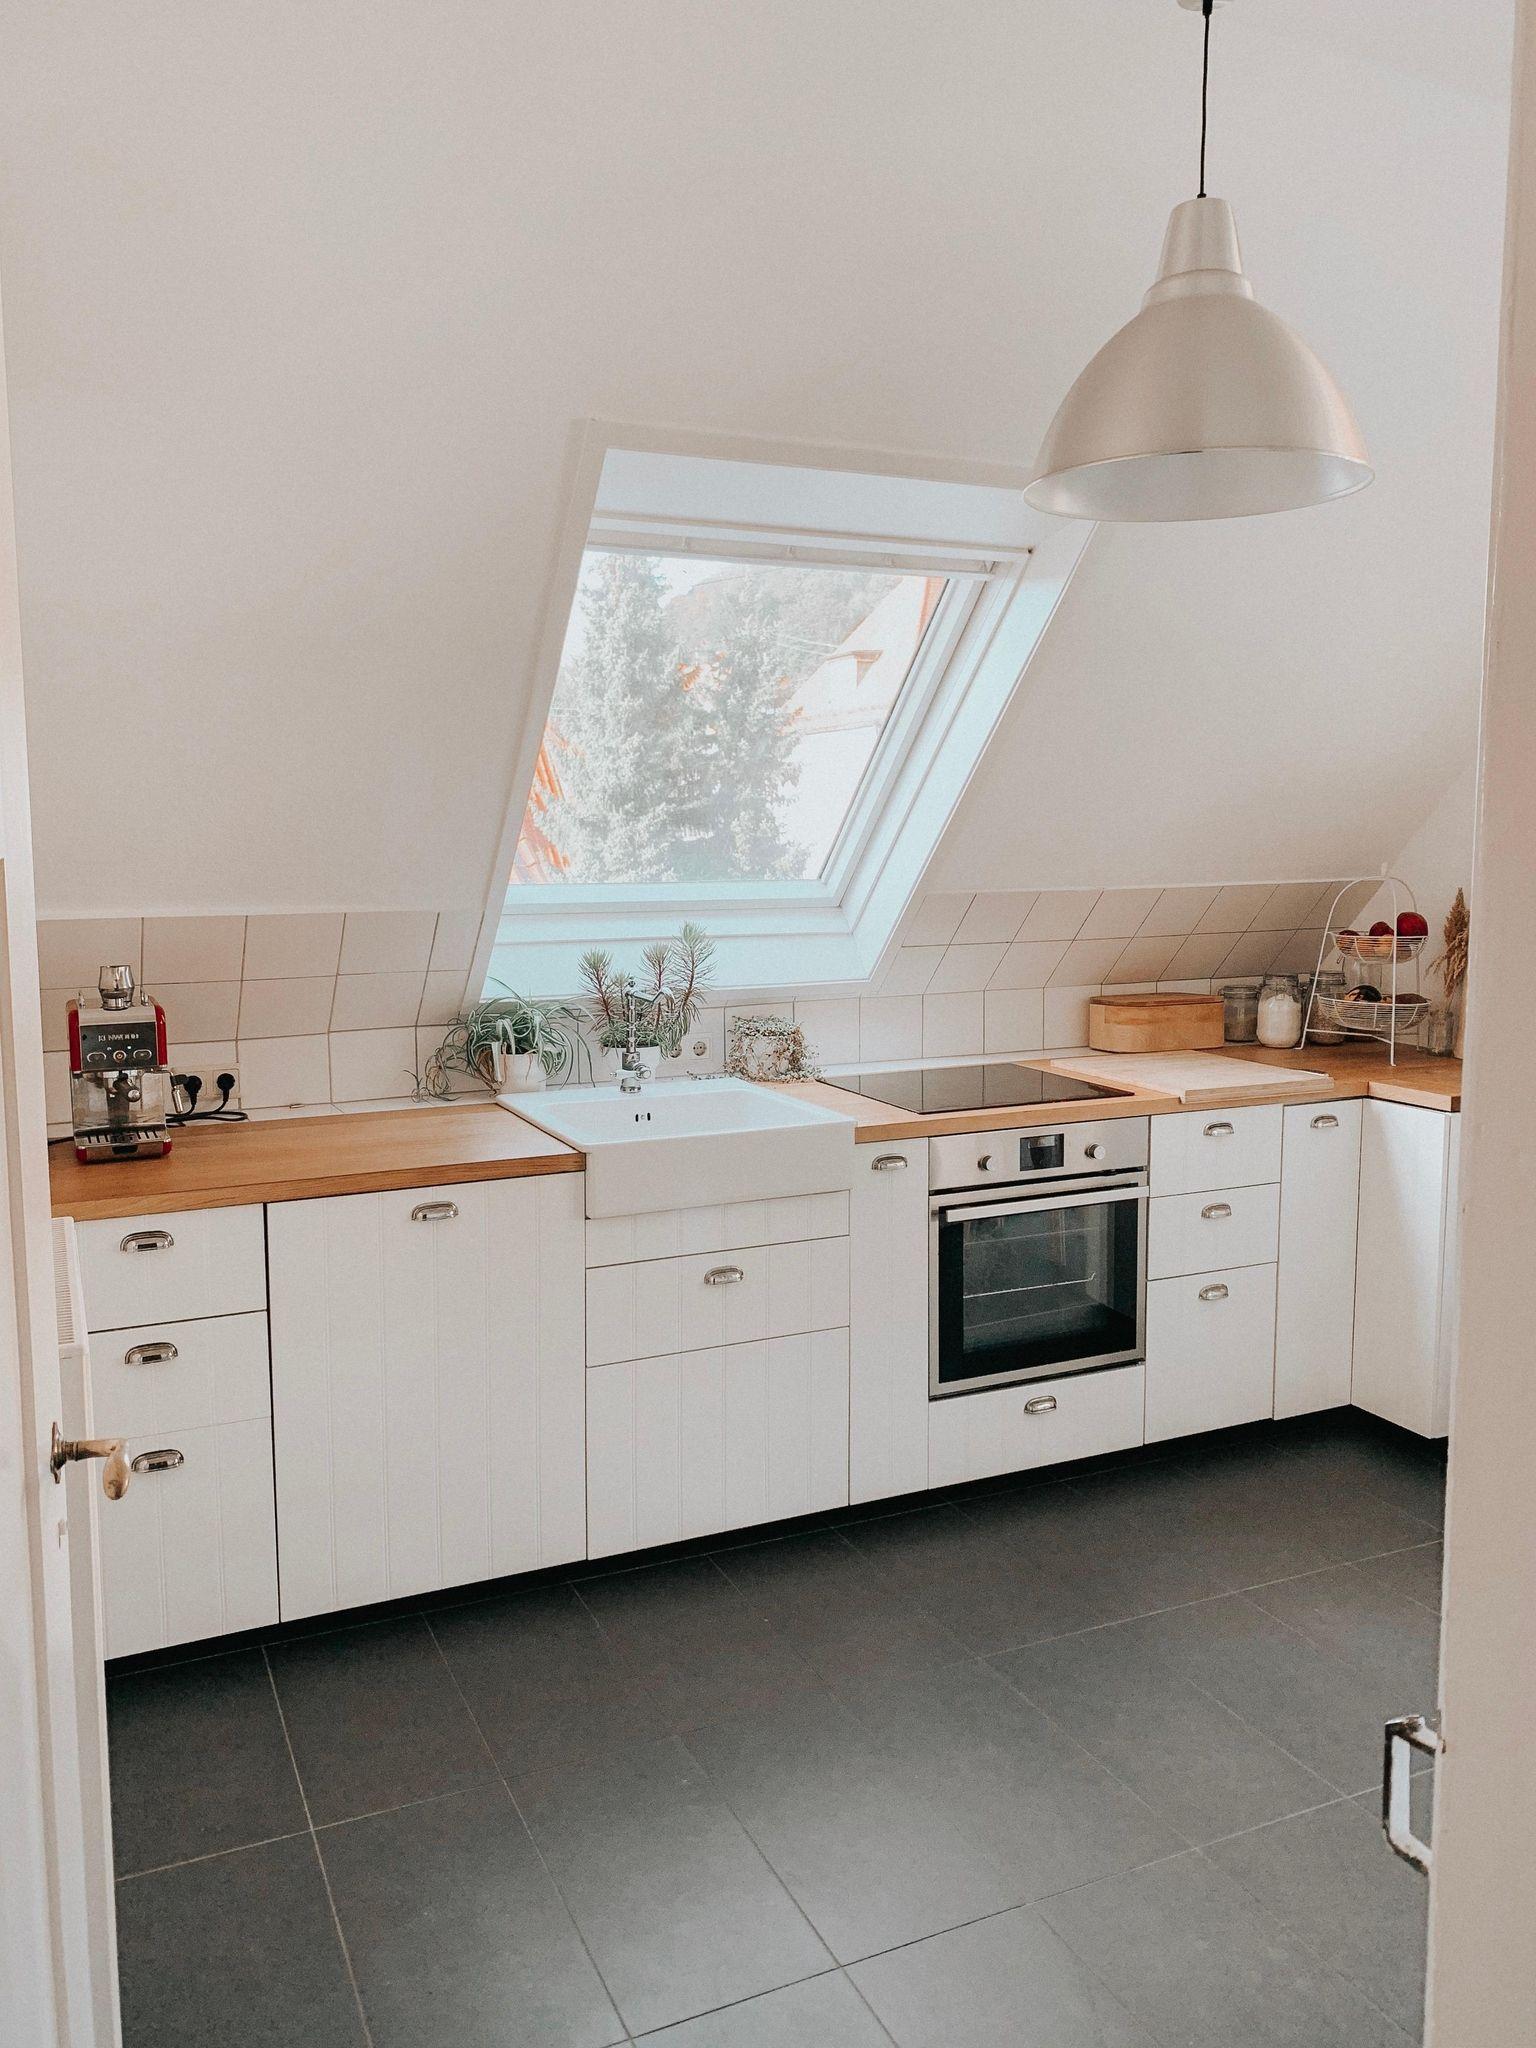 Küchen unterm Dach in weiß DeborahWi hat ihrer